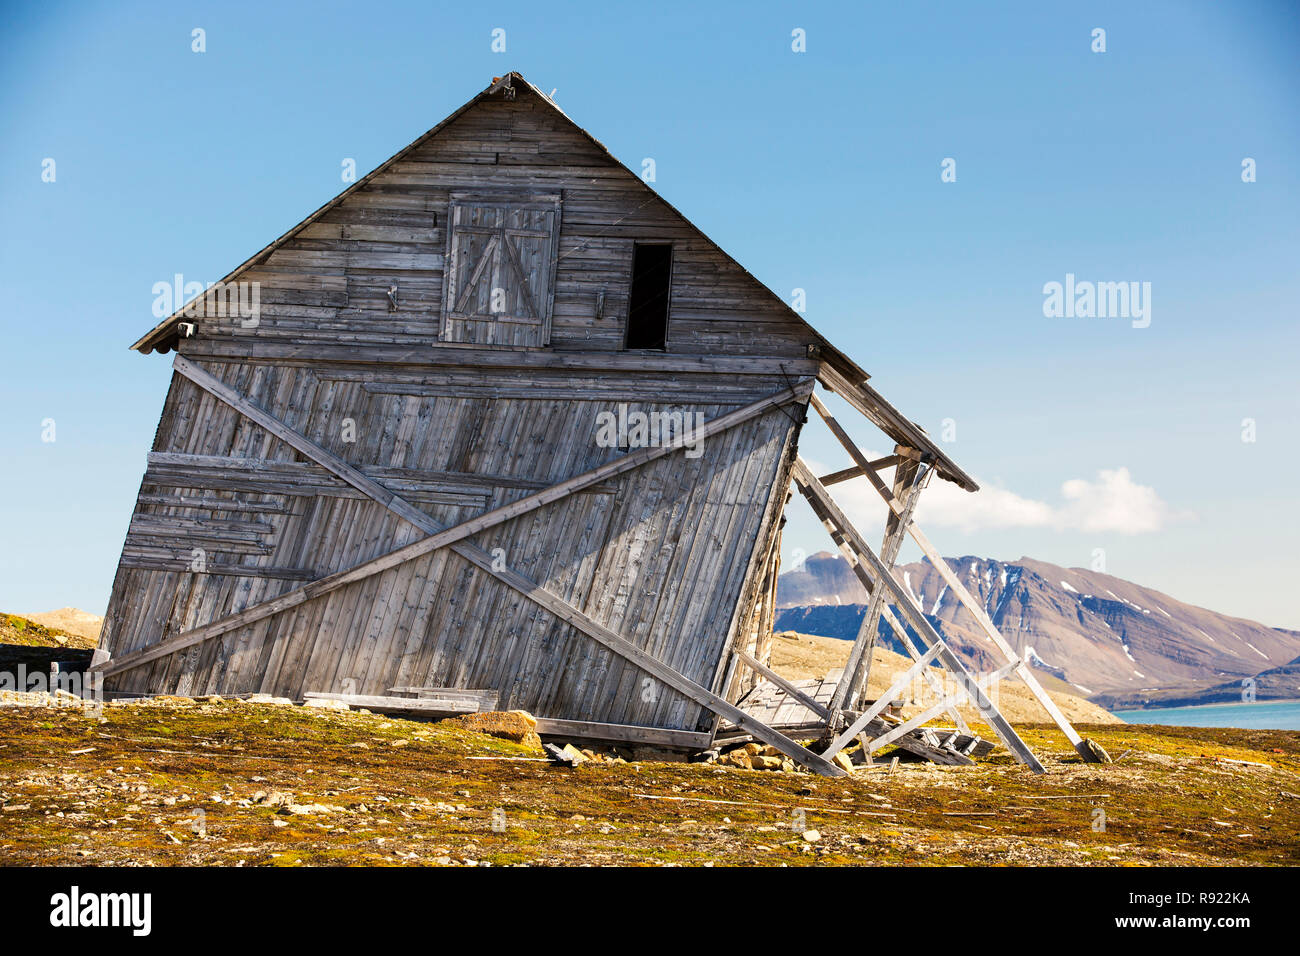 Una vecchia casa a Recherchefjorden (77Ã'áẁž31Ãḃ™n 14Ã'áẁž36Ãḃ™e), Van Keulenfjorden, Spitsbergen, Svalbard. Essa viene progressivamente scivolare verso il basso a causa della pendenza di solifluction e permafrost fuso. Il cambiamento climatico sta accelerando il permafrost fondere e causando ingenti danni in tutta la regione artica. È anche uno degli anelli di retroazione che exascerbate il cambiamento climatico, come il permafrost si blocca a miliardi di tonnellate di metano (un gas ad effetto serra 23 volte più potente del C02), come il permafrost si scioglie il metano viene rilasciato in atmosfera con porentially conseguenze disastrose. Immagini Stock